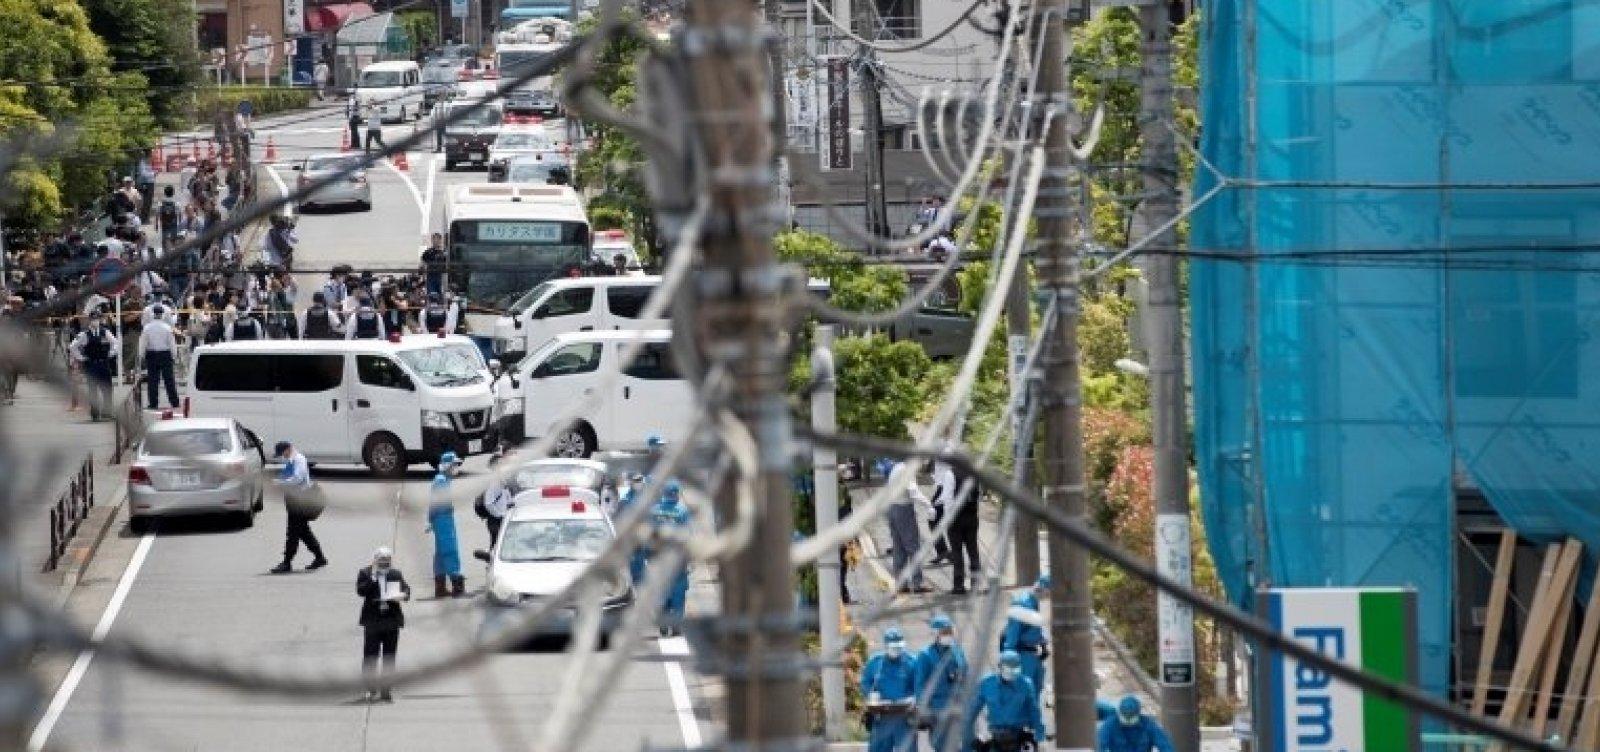 Esfaqueamento em massa no Japão deixa duas vítimas fatais